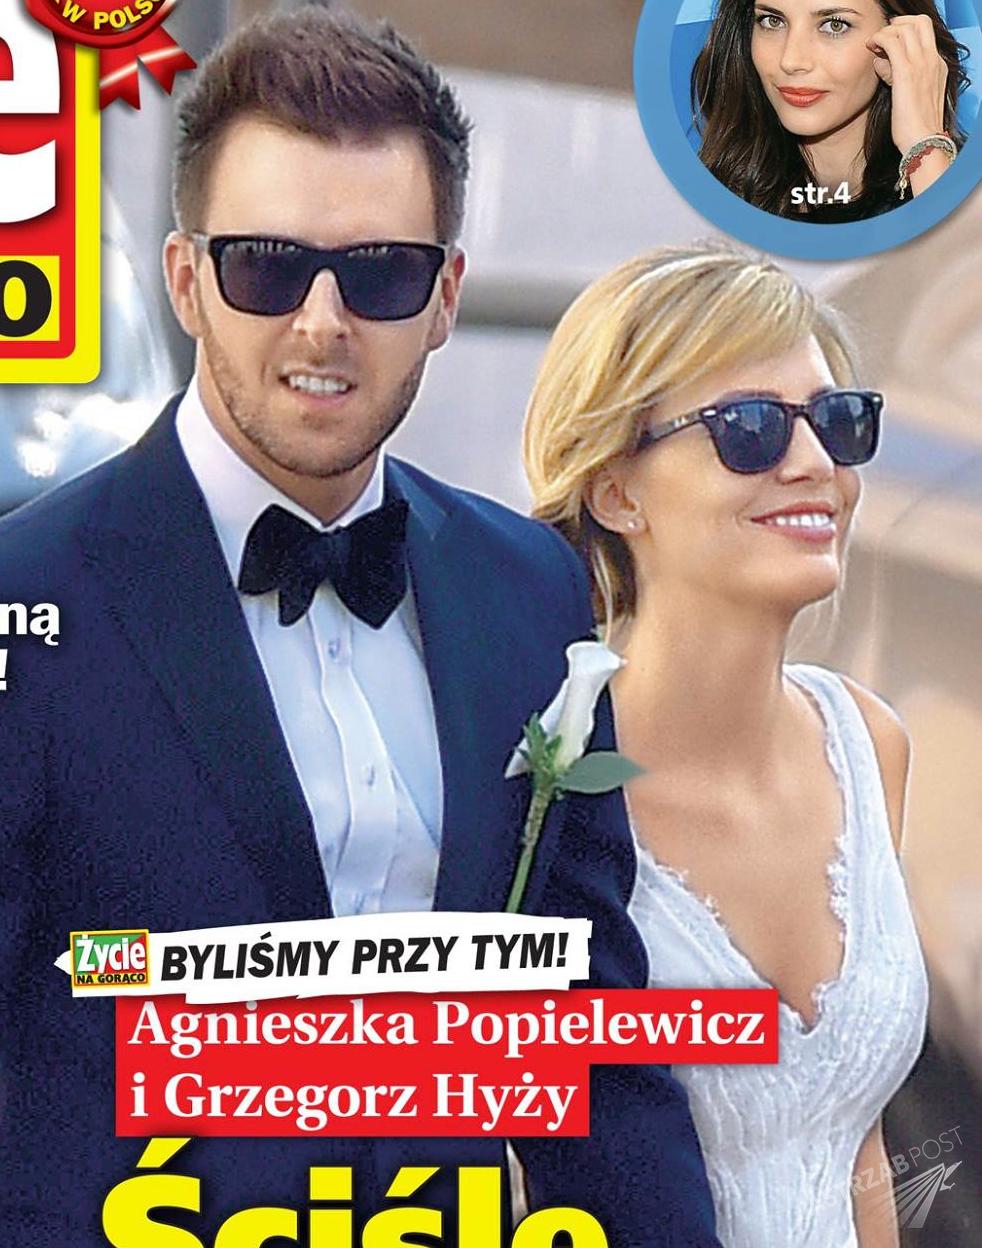 Grzegorz Hyży Zdjęcia żona Piosenki Wiek Wikipedia Insta